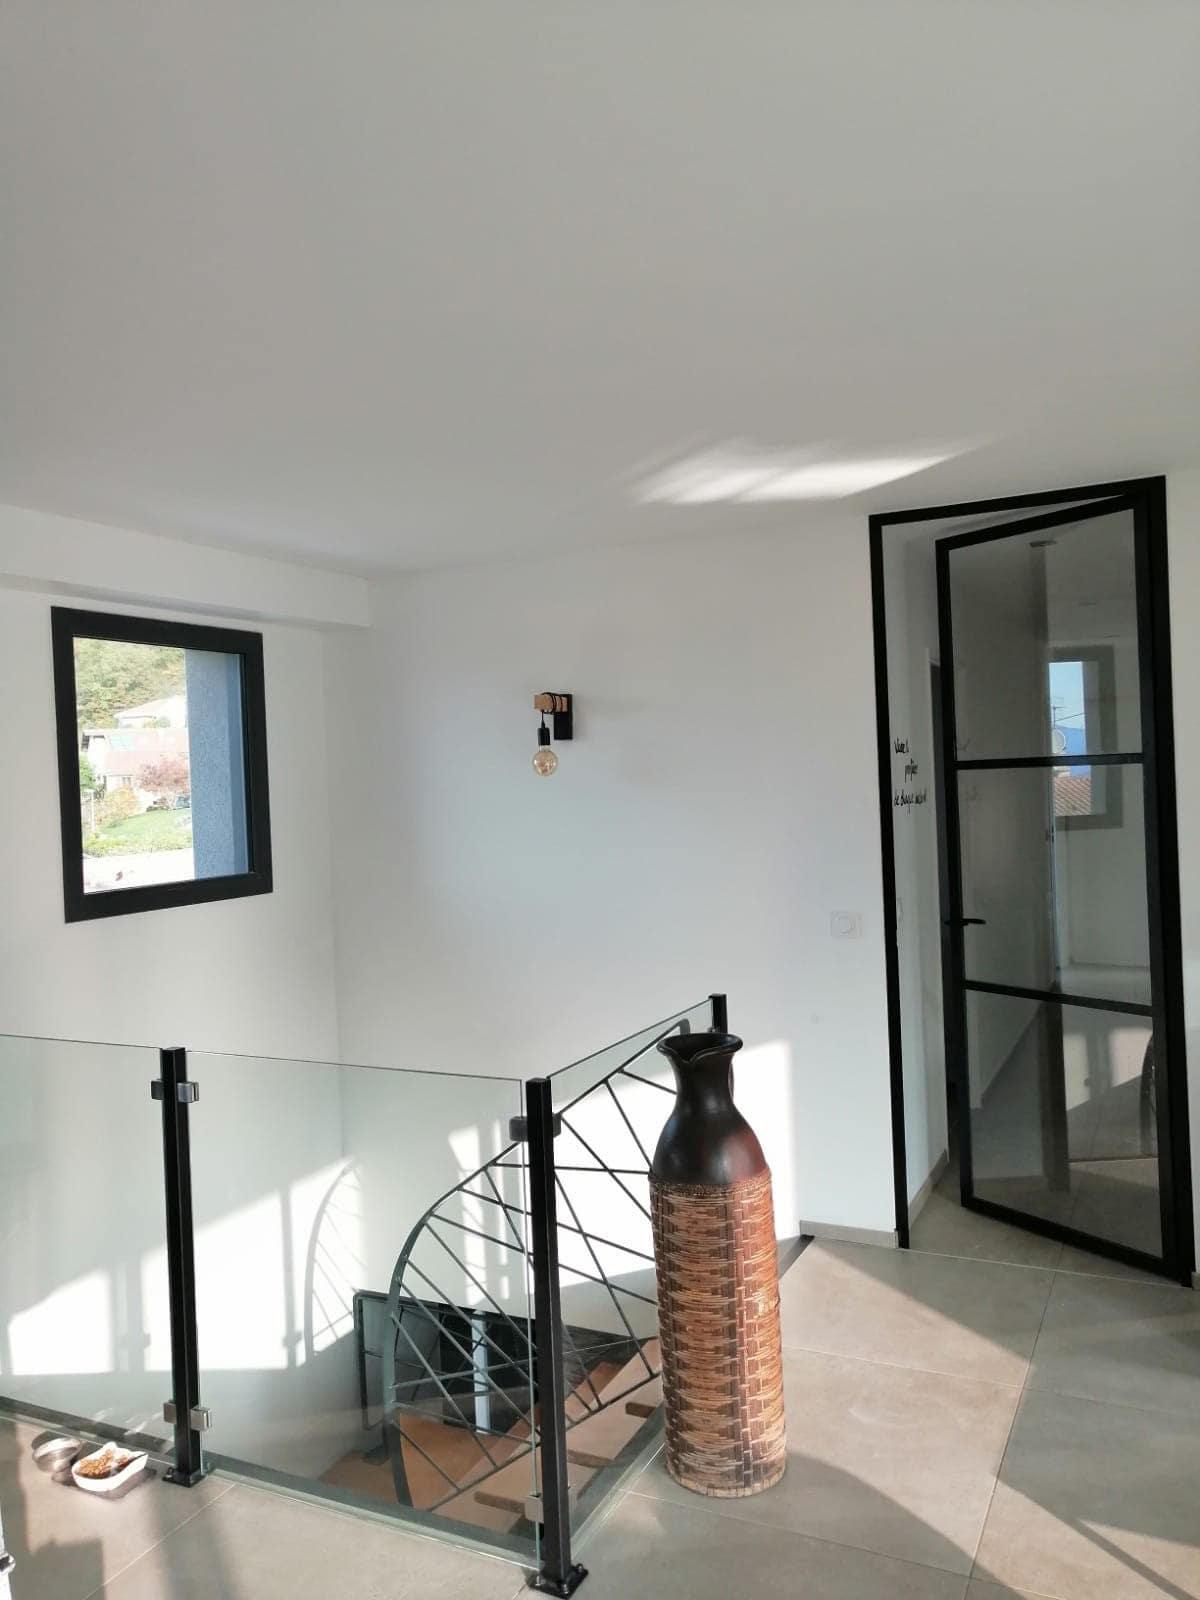 Voici la pose d'un garde corps vitré en protection d'une descente d'escaliers dans une maison à Crolles par Renov'isol